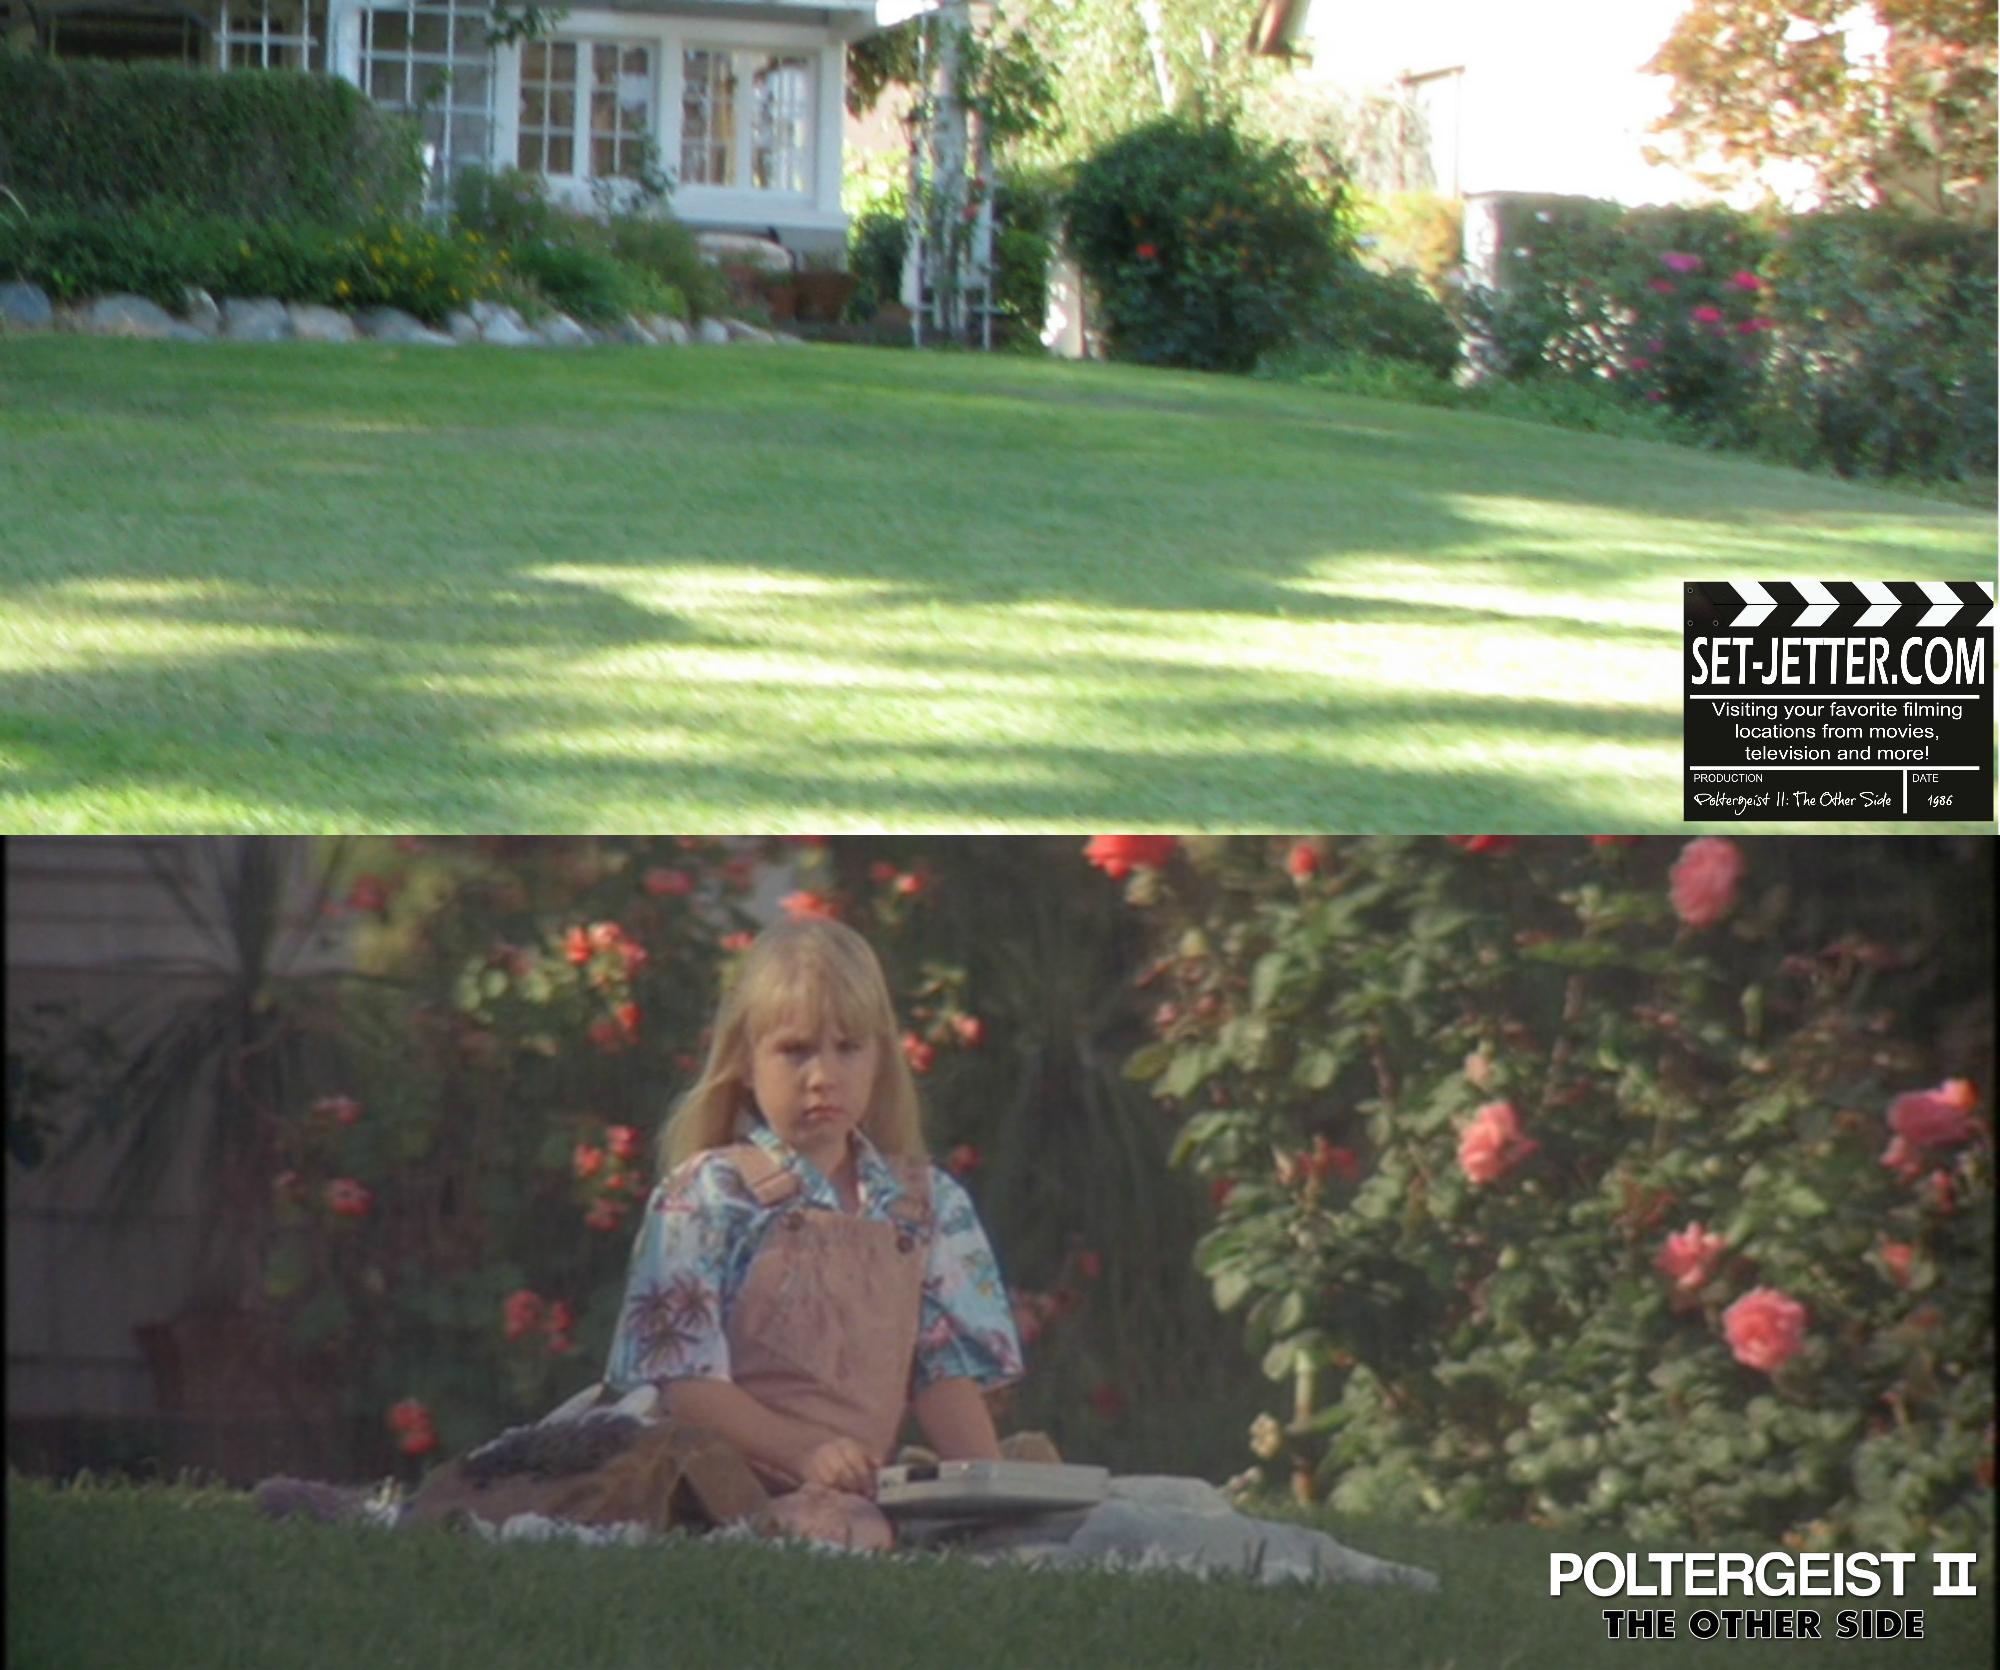 Poltergeist II comparison 34.jpg